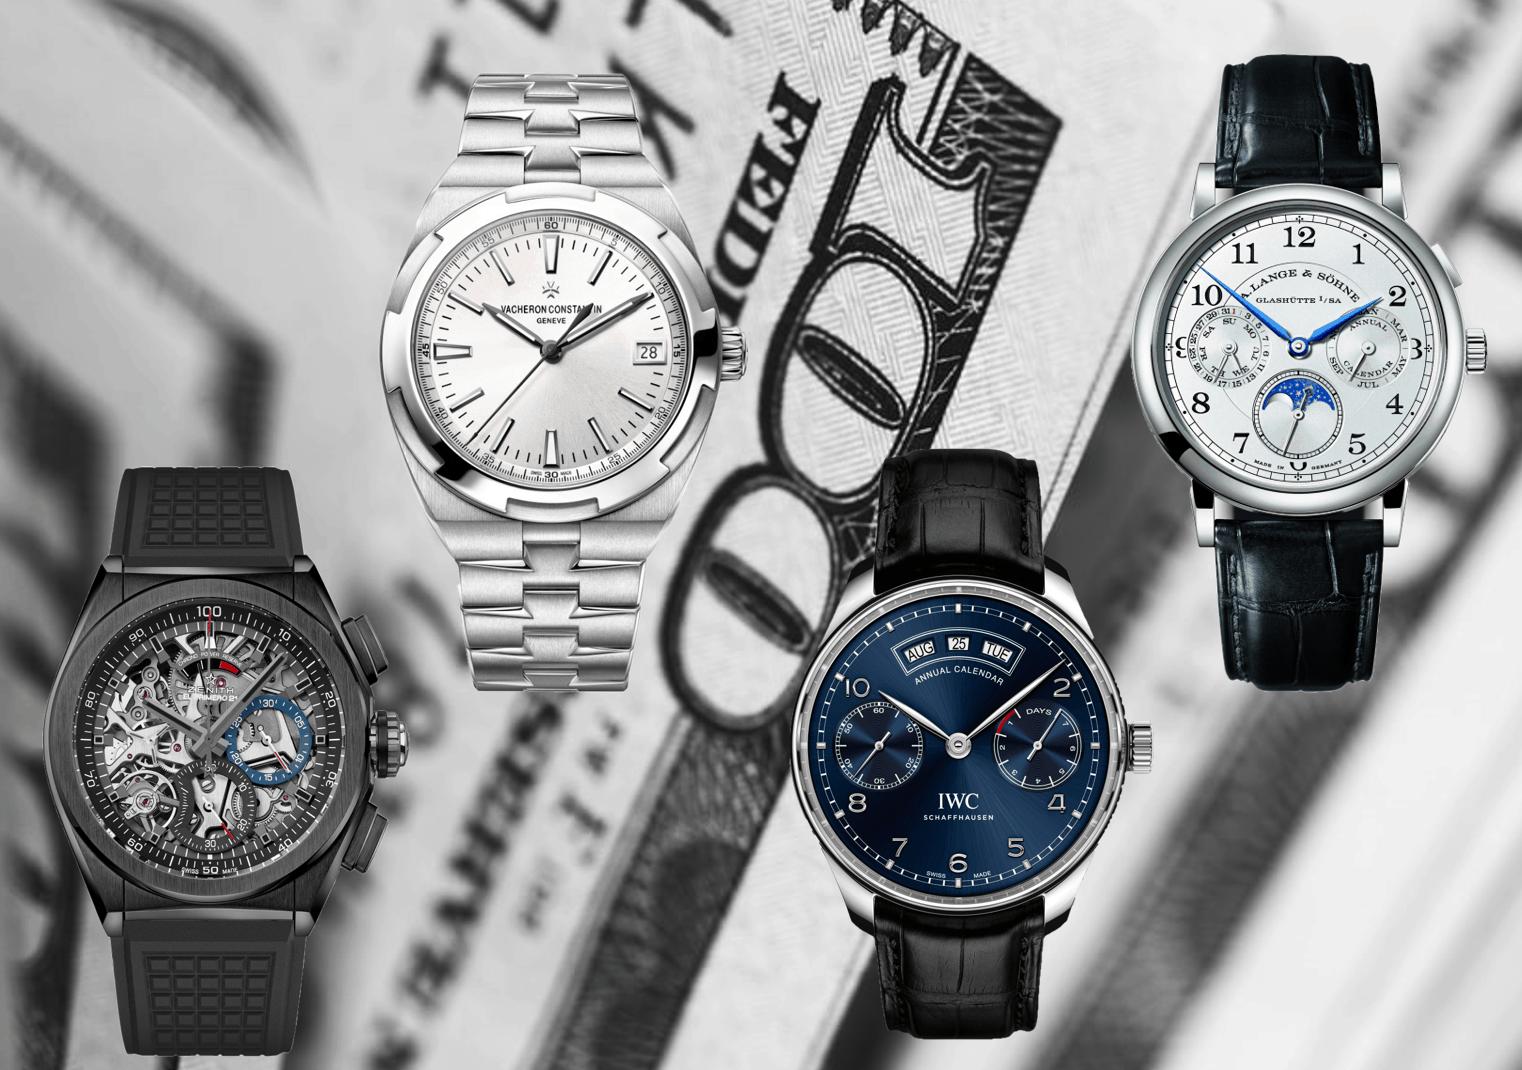 Investieren in UhrenInvestieren in Uhren? Darauf sollten Sie achten!